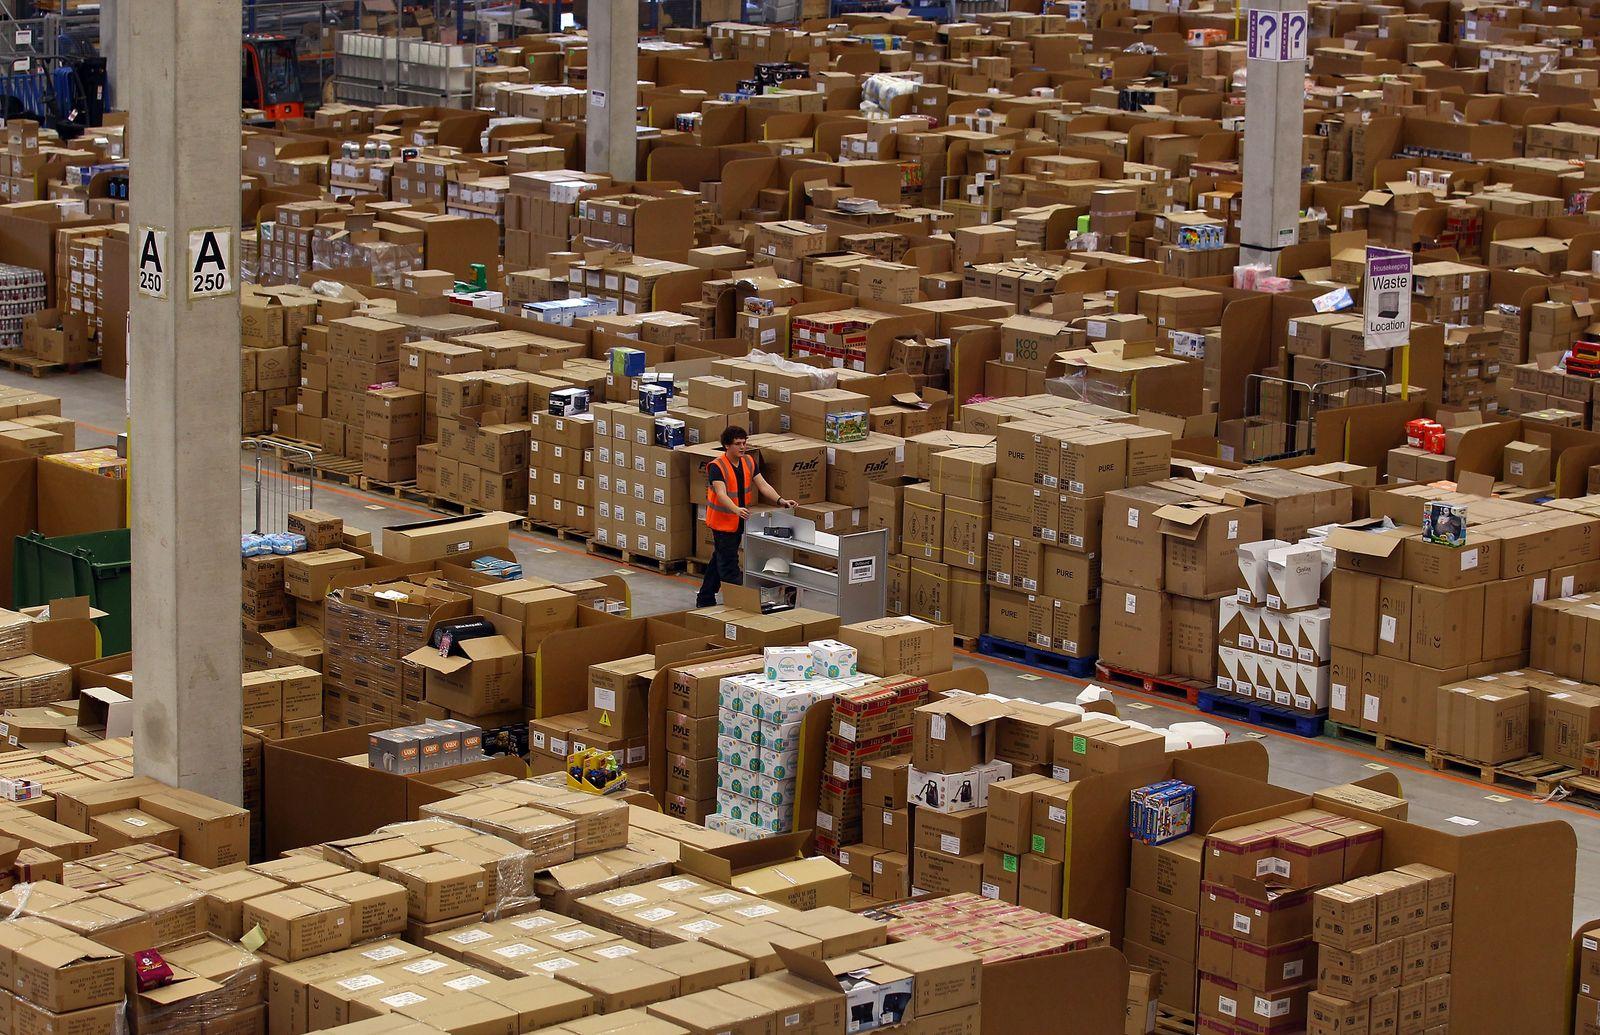 mmo-Thema: Amazon / Logistik / Pakete